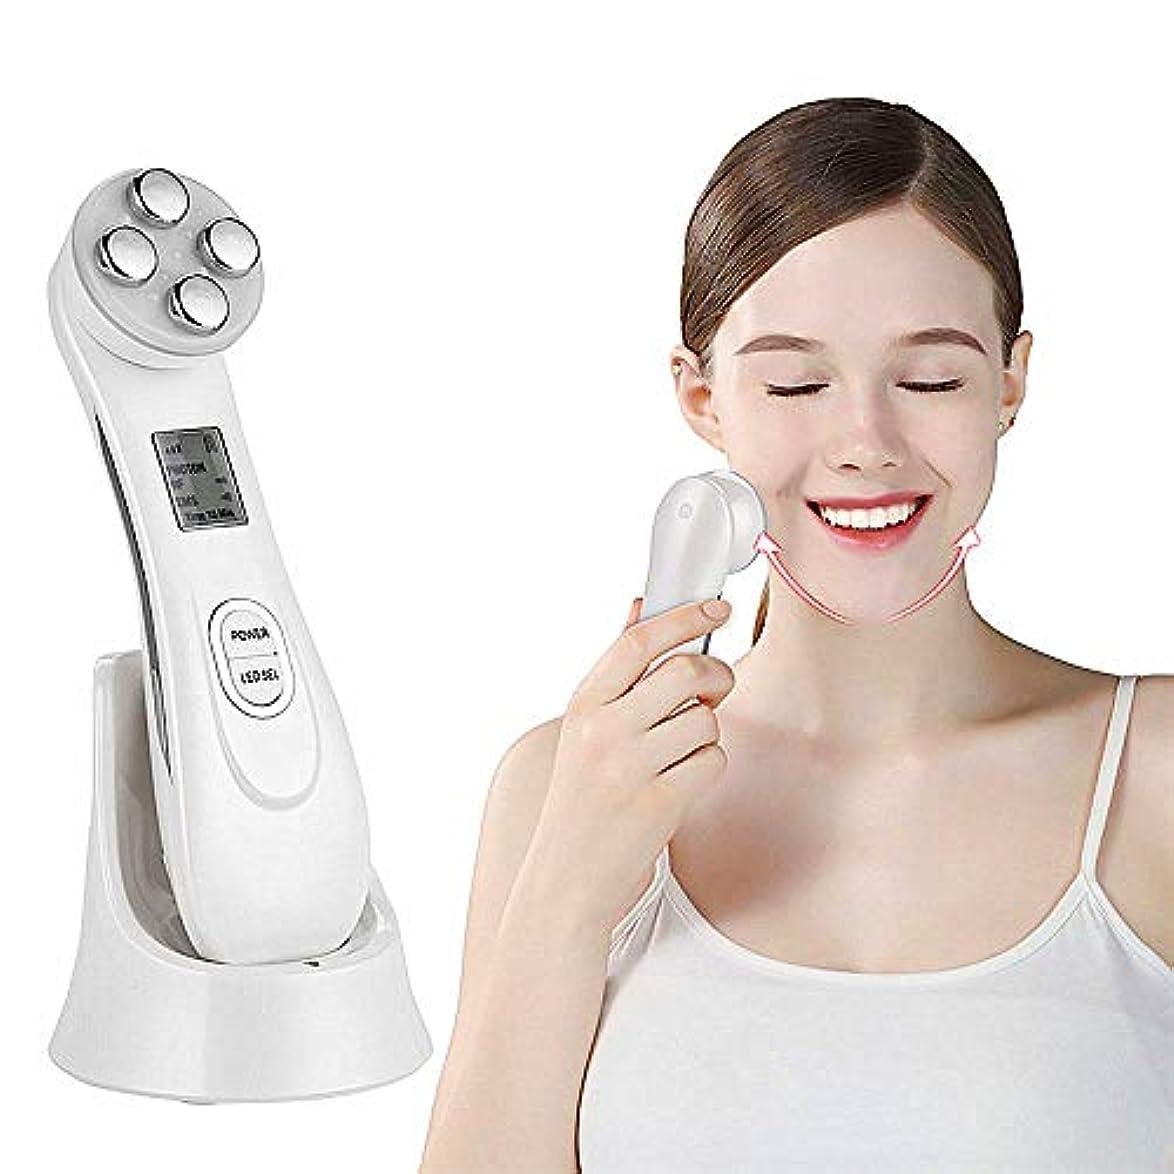 アクティビティ連邦あいまい顔スキン EMS メソセラピーエレクトロポレーション RF ラジオ周波数顔 LED フォトンスキンケアデバイスフェイスリフティングは、美容ツールを締めます